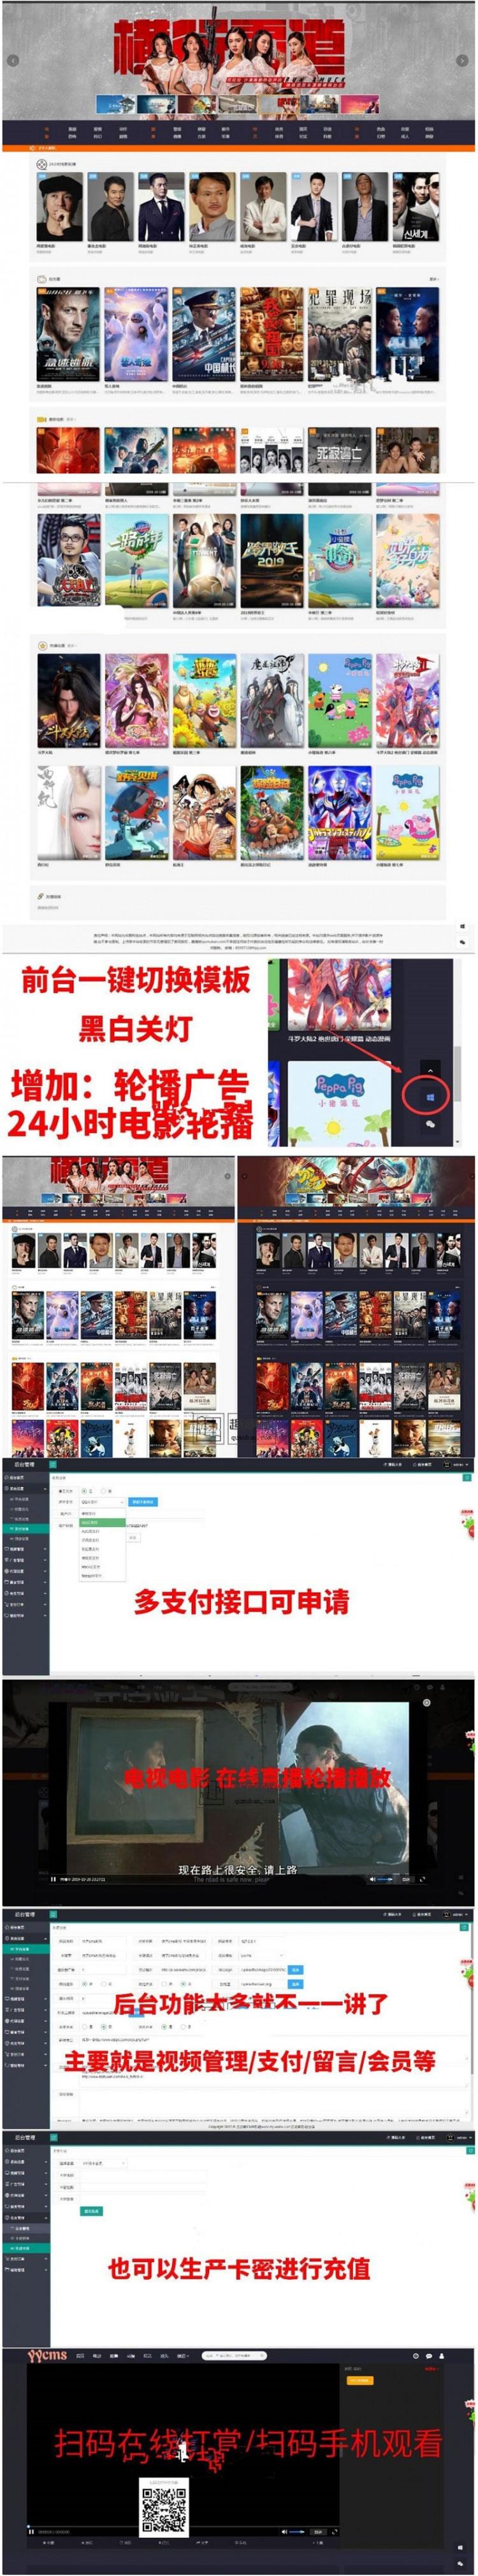 PHP影视源码带直播视频+免签约充值+打赏电影引流赚钱-52资源网